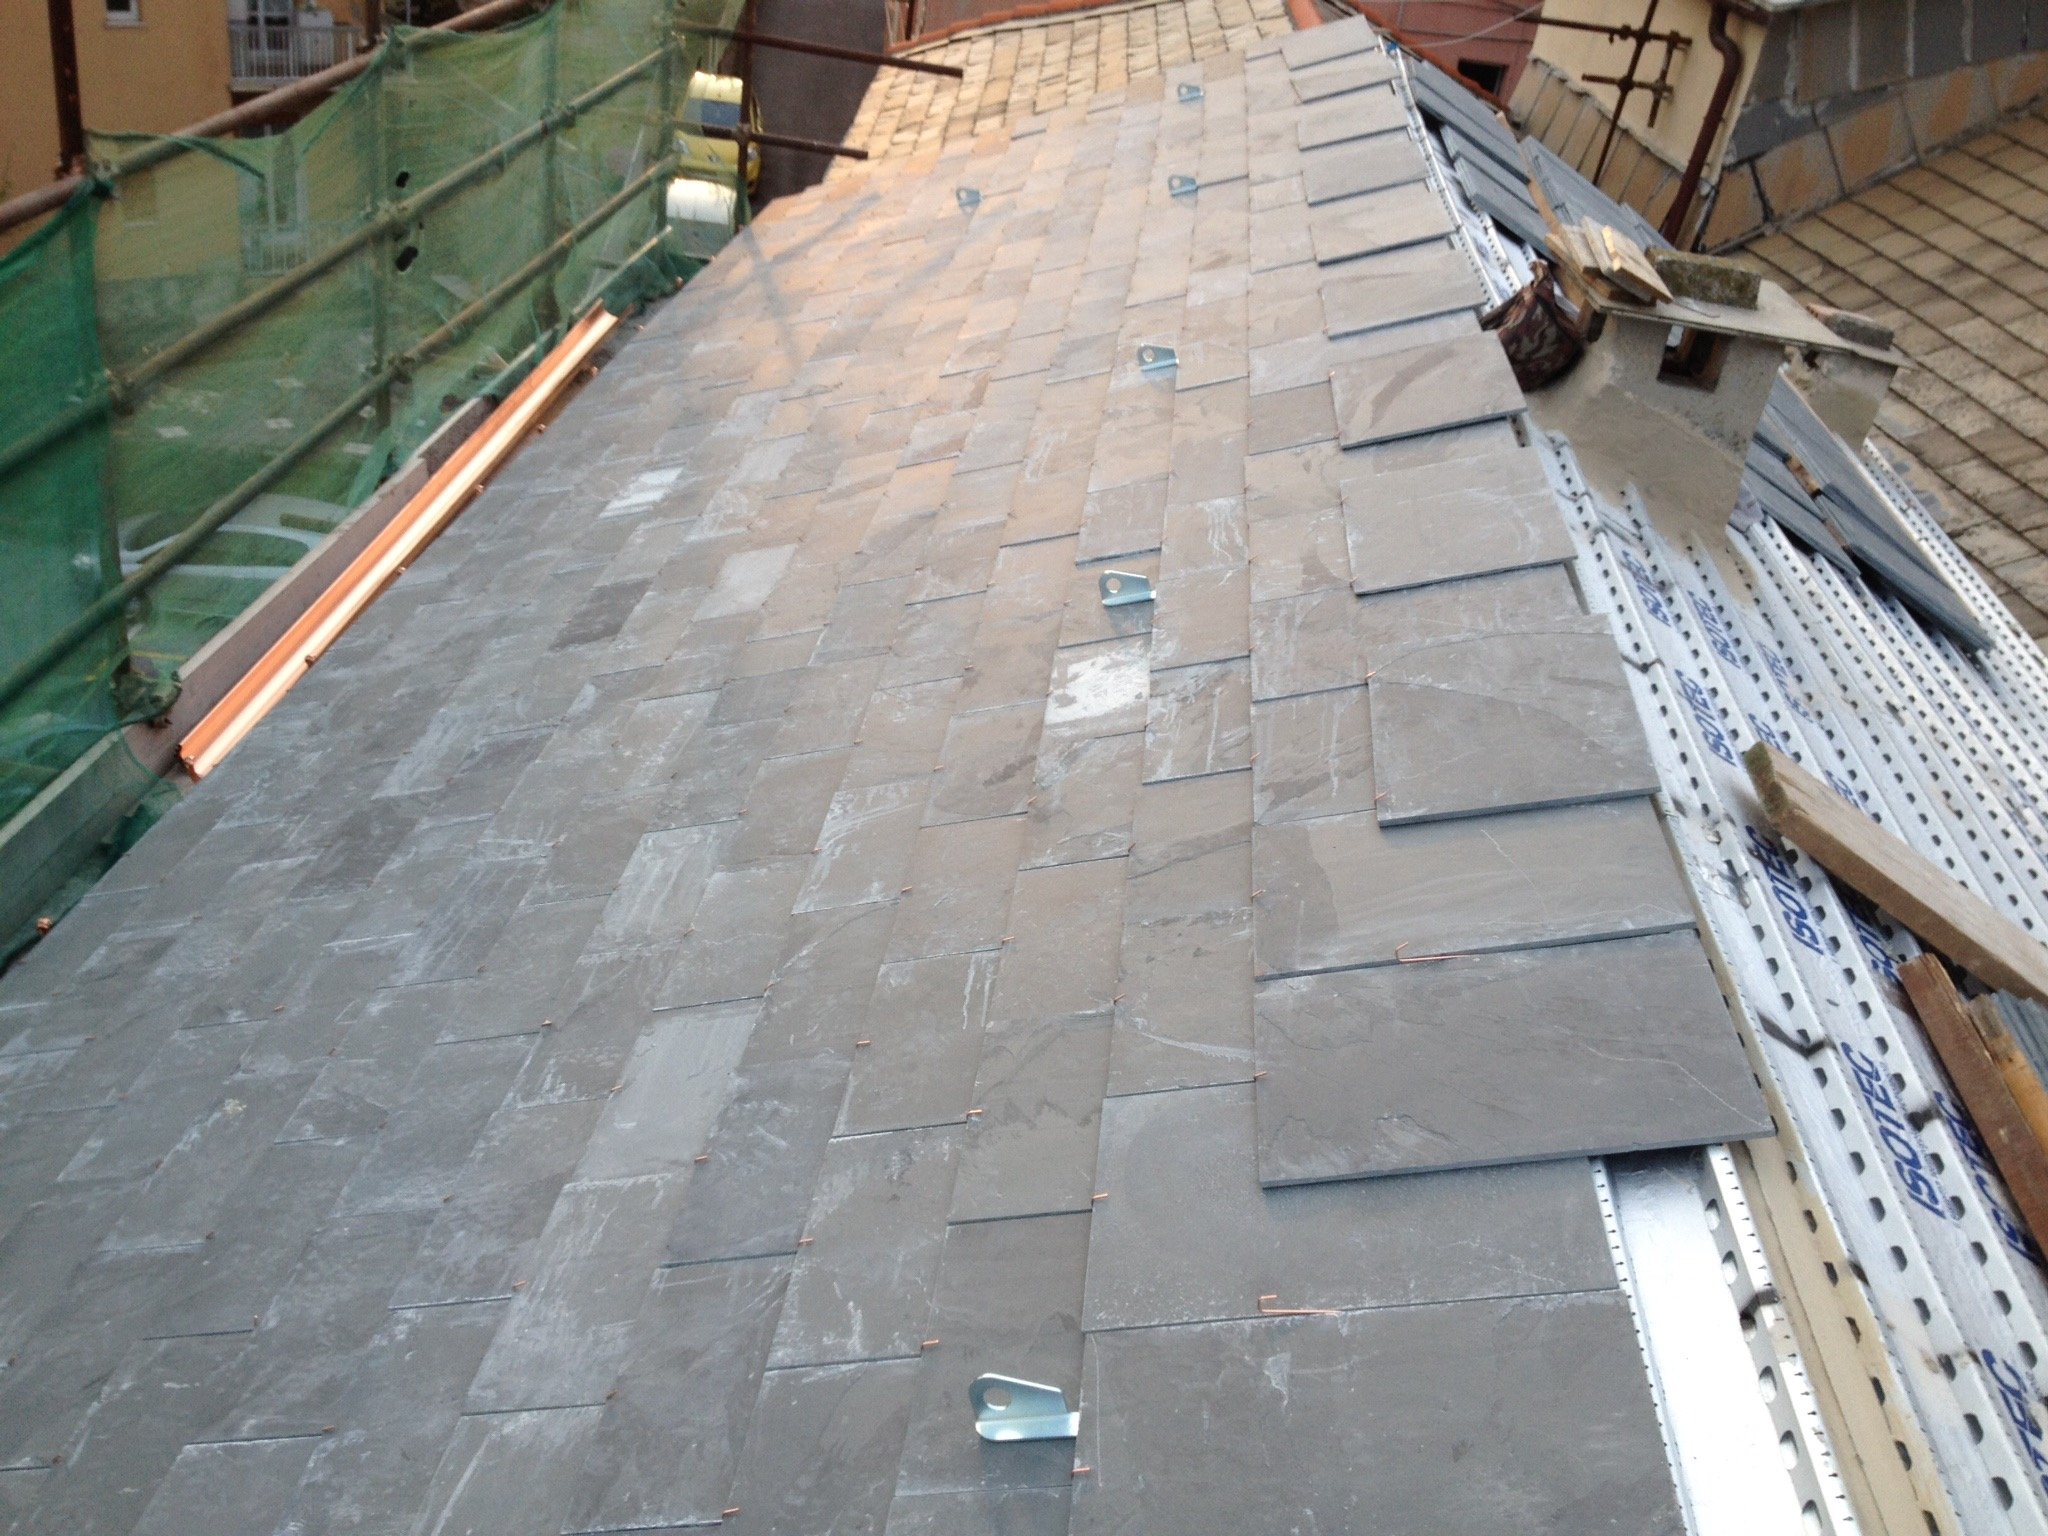 Pannelli isolanti installati su un tetto